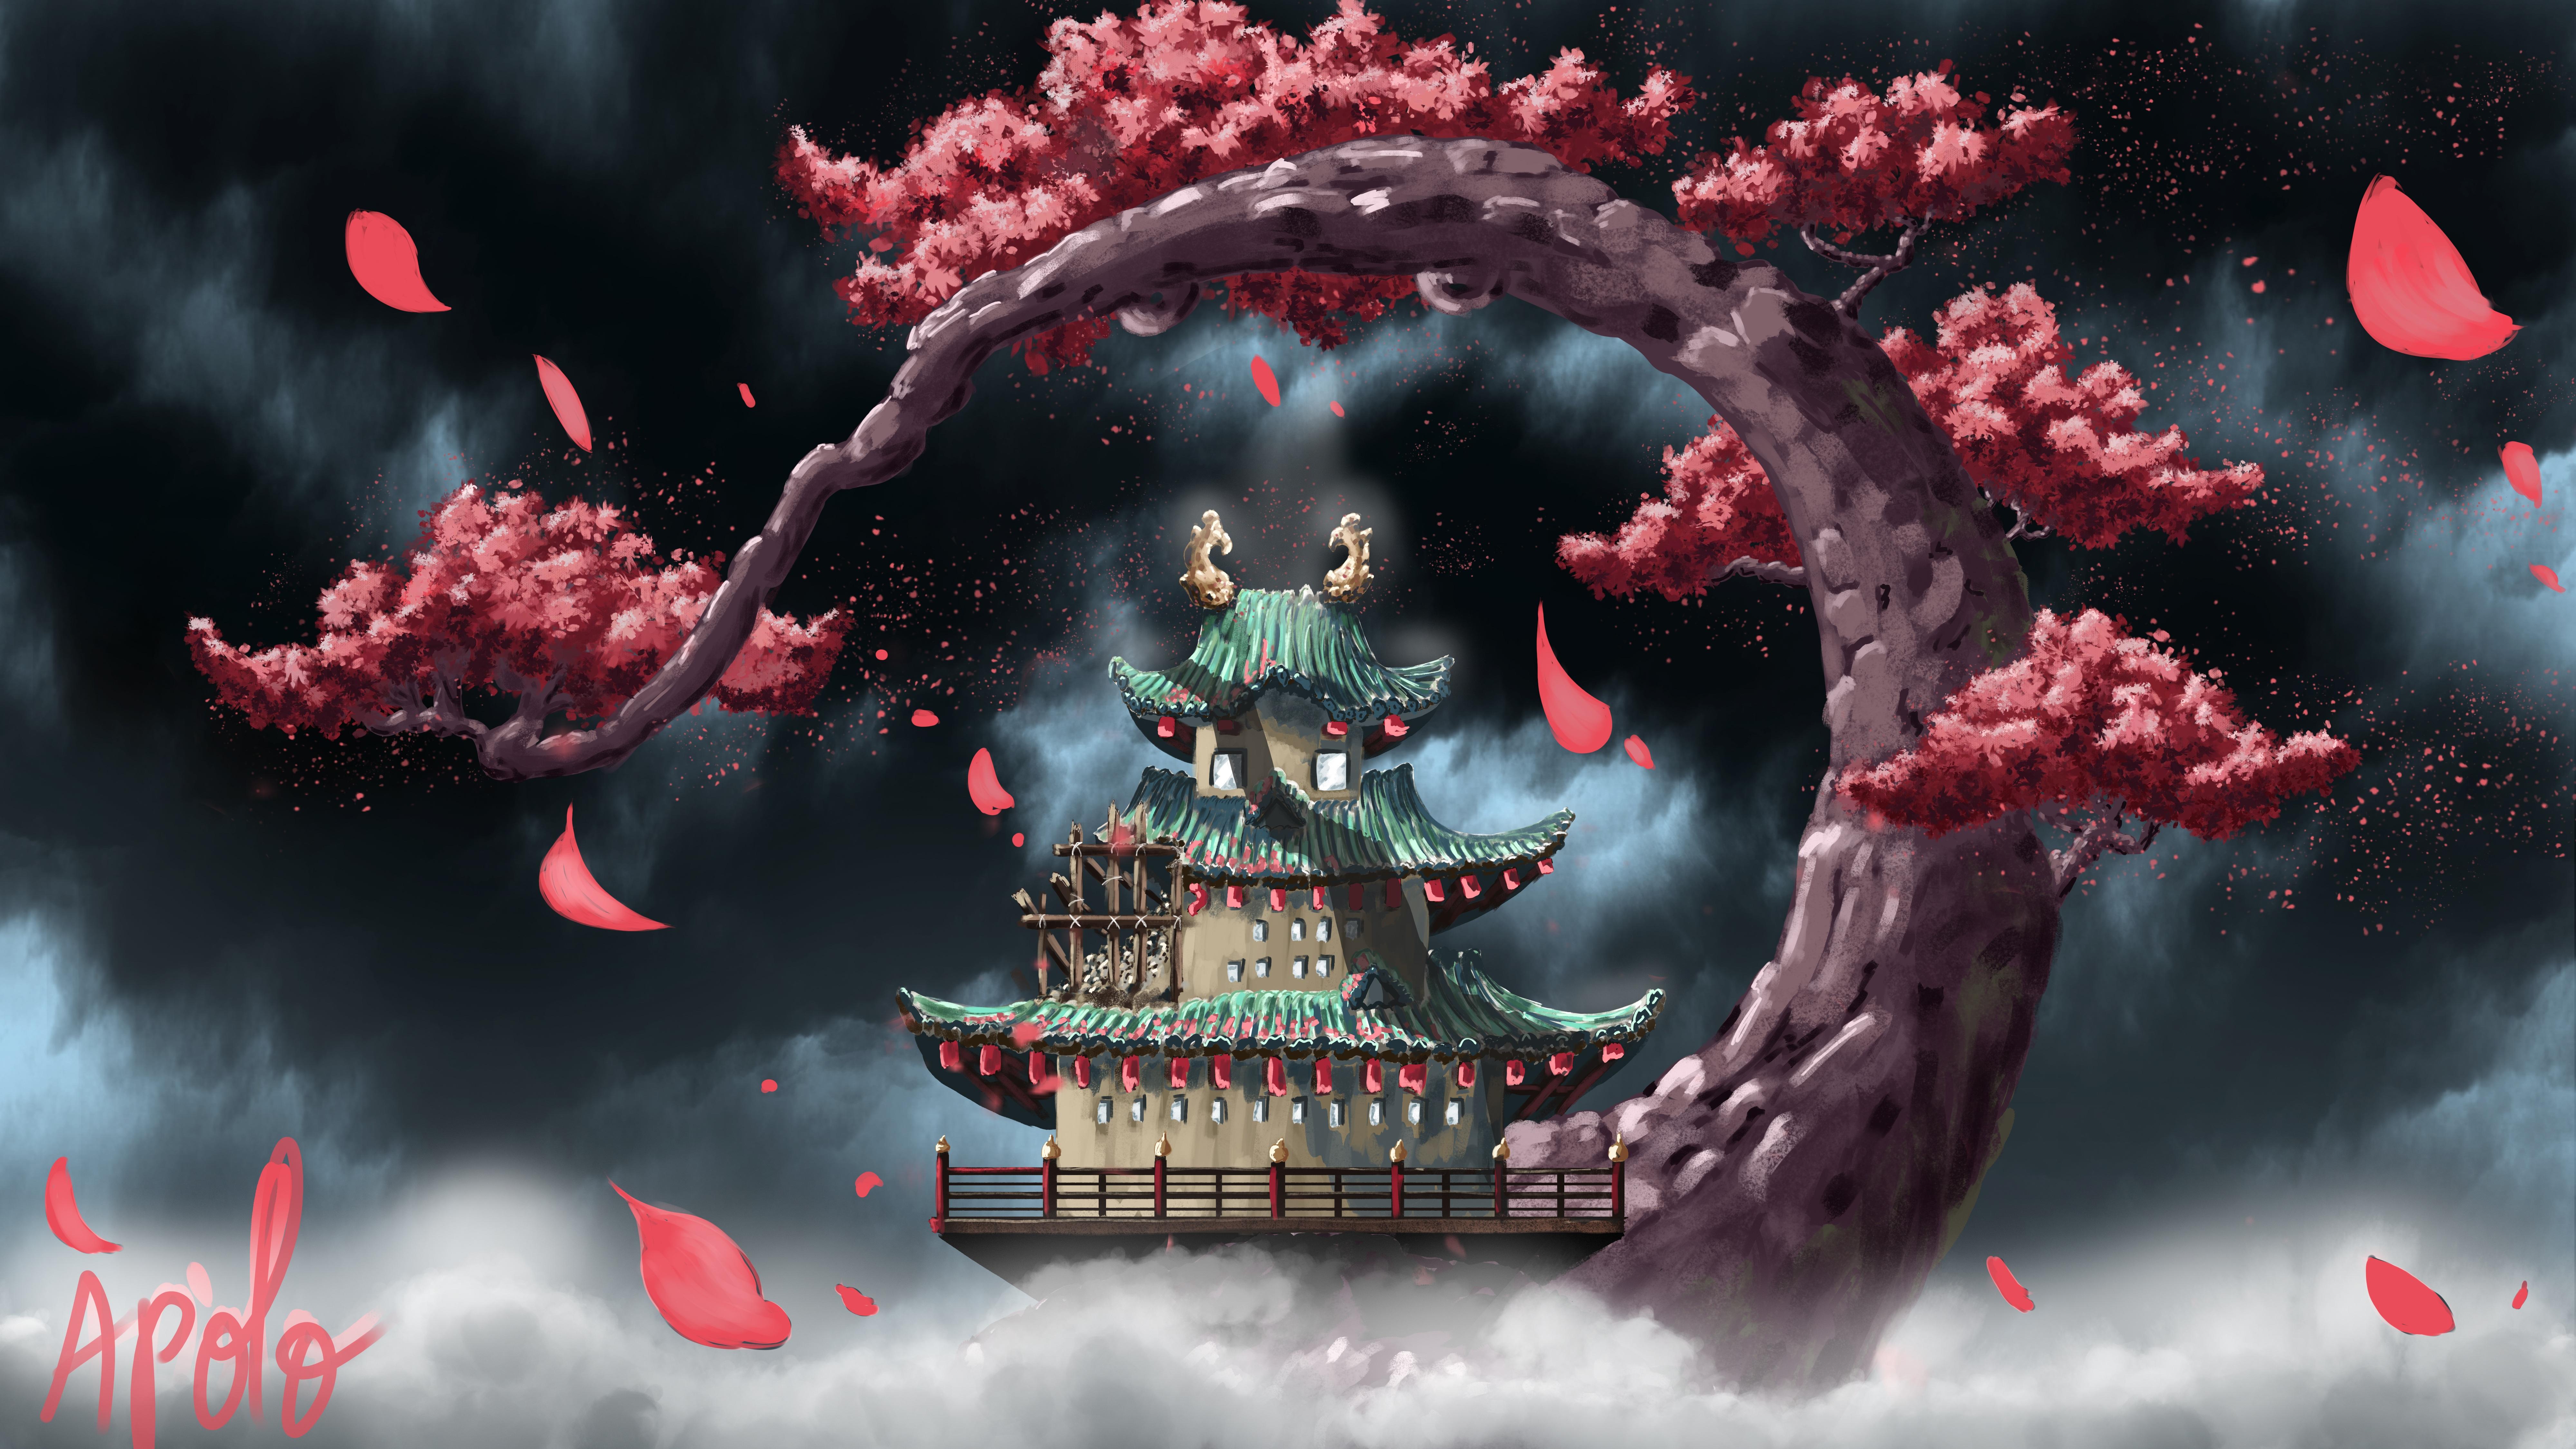 Anime Wallpaper Hd Ultra Hd One Piece Wallpaper Hd Desktop